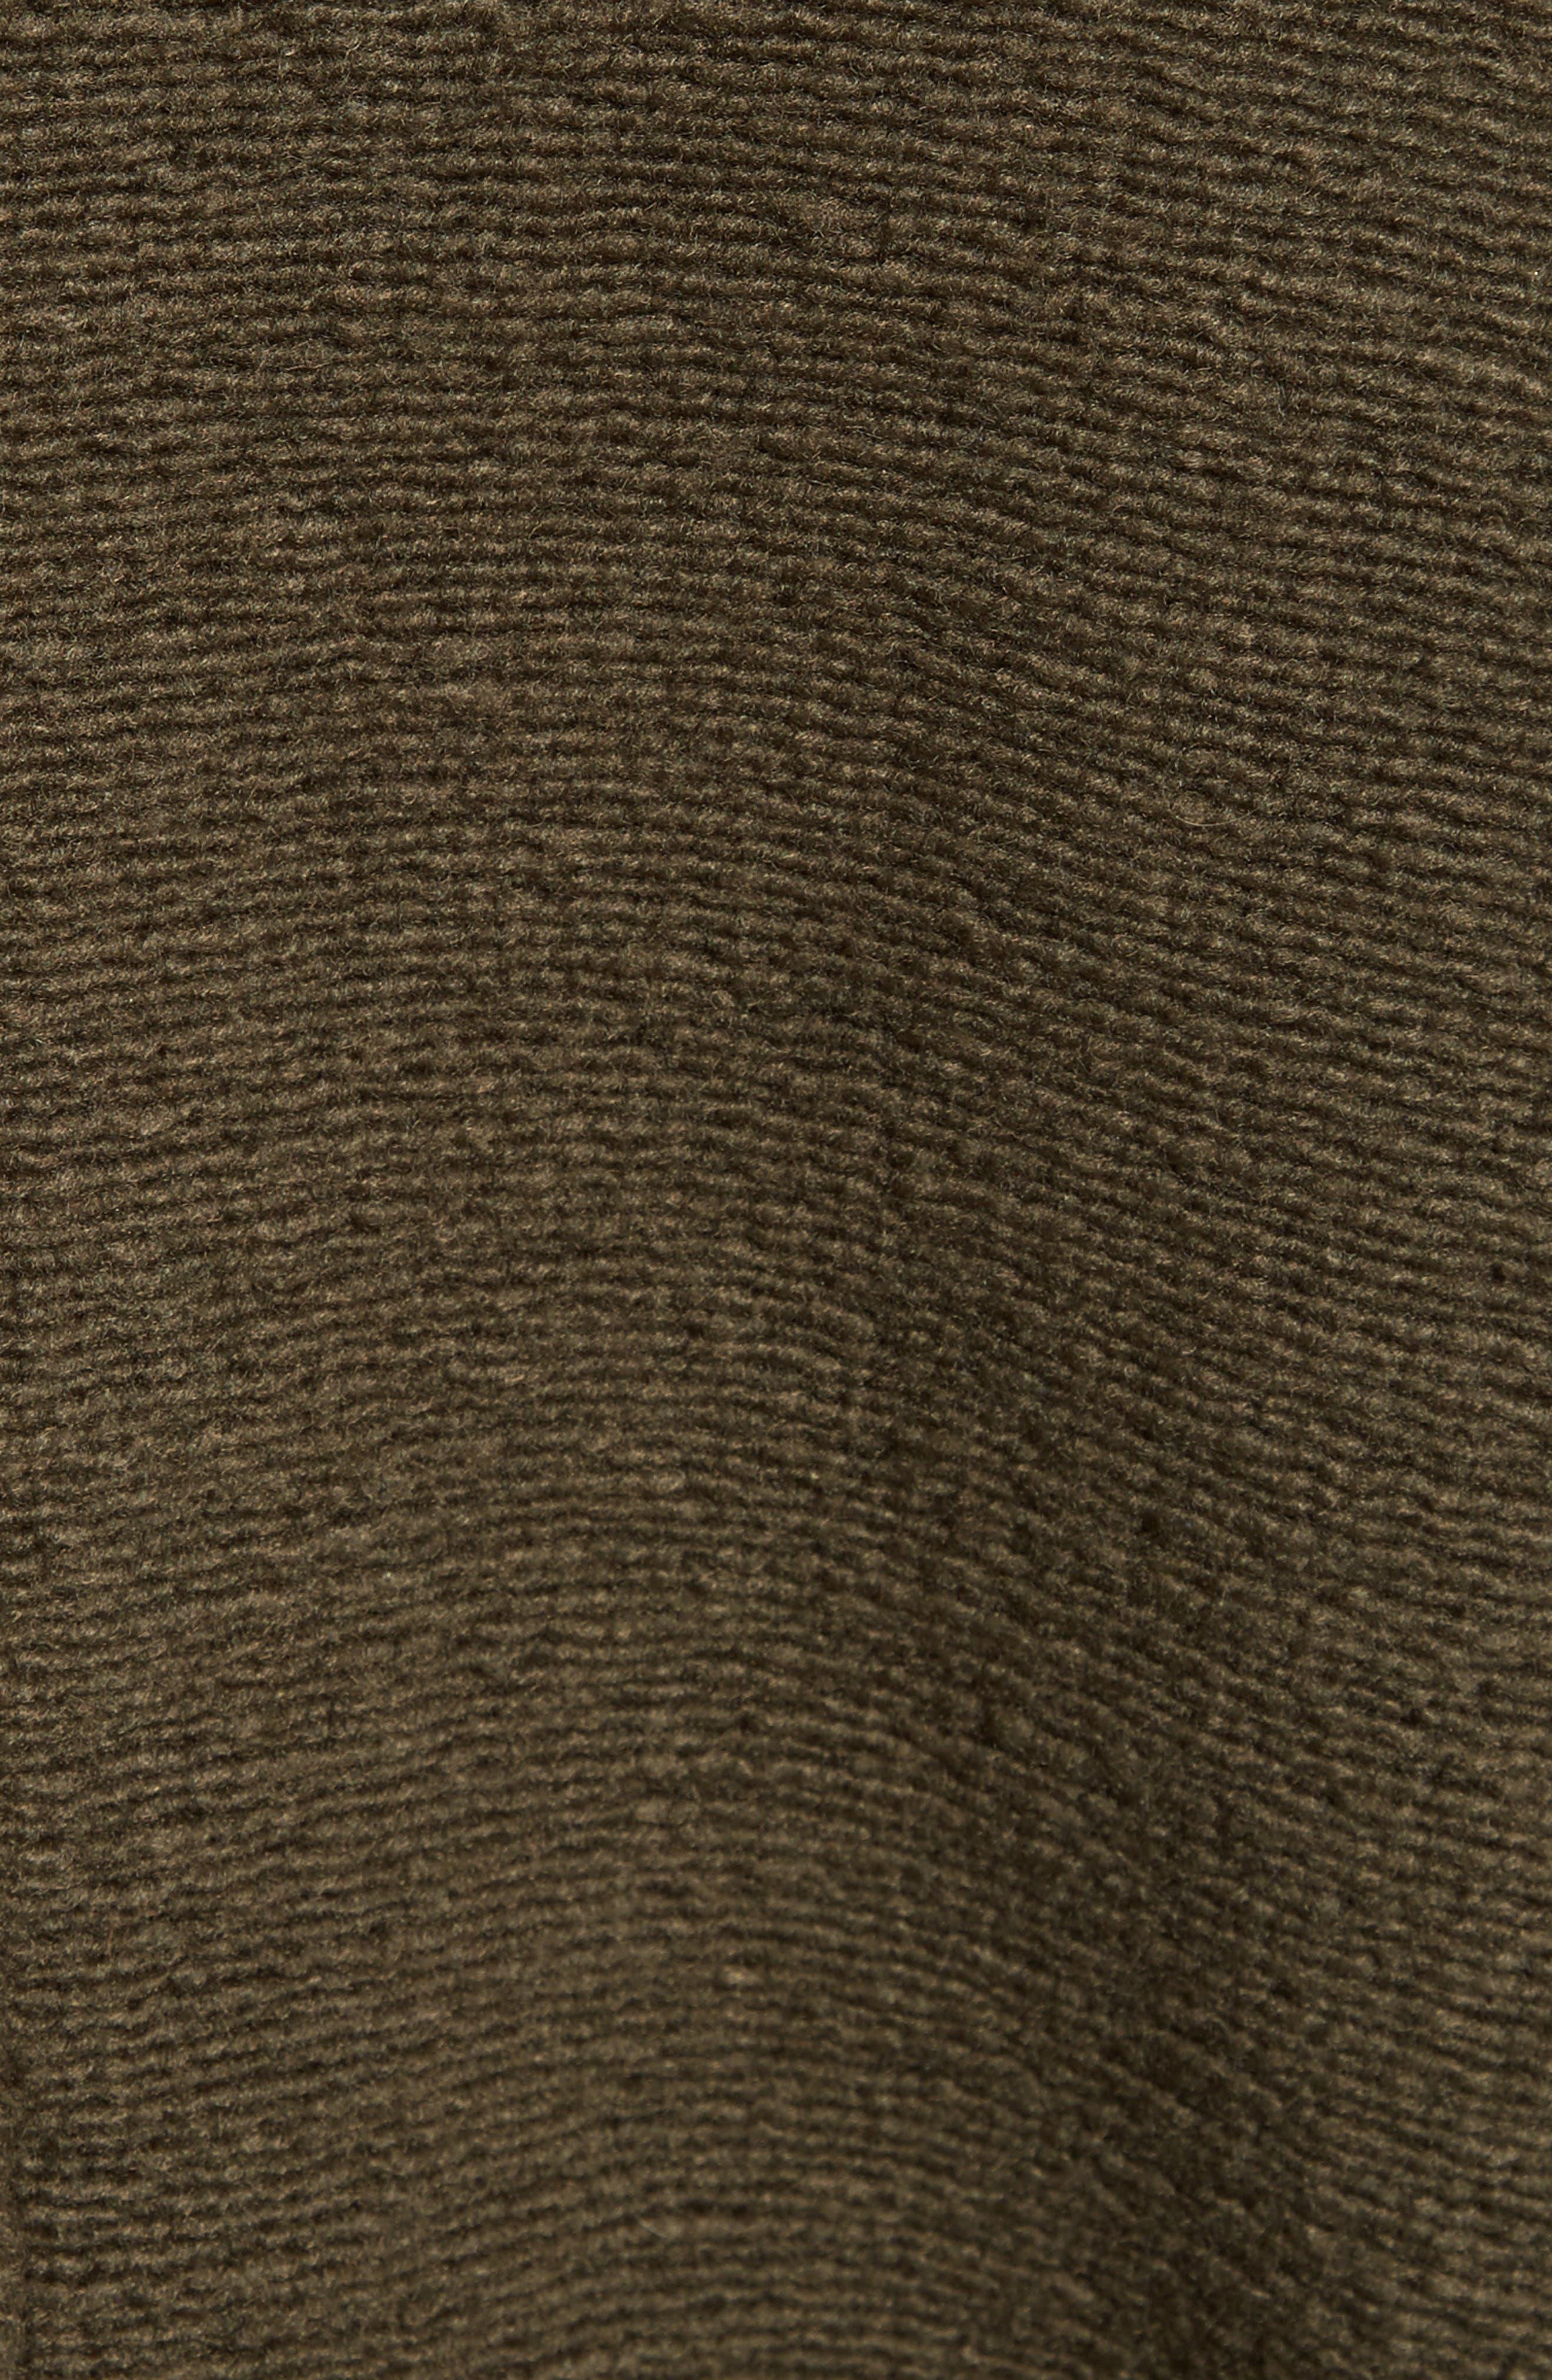 Bouclé Knit Peacoat,                             Alternate thumbnail 5, color,